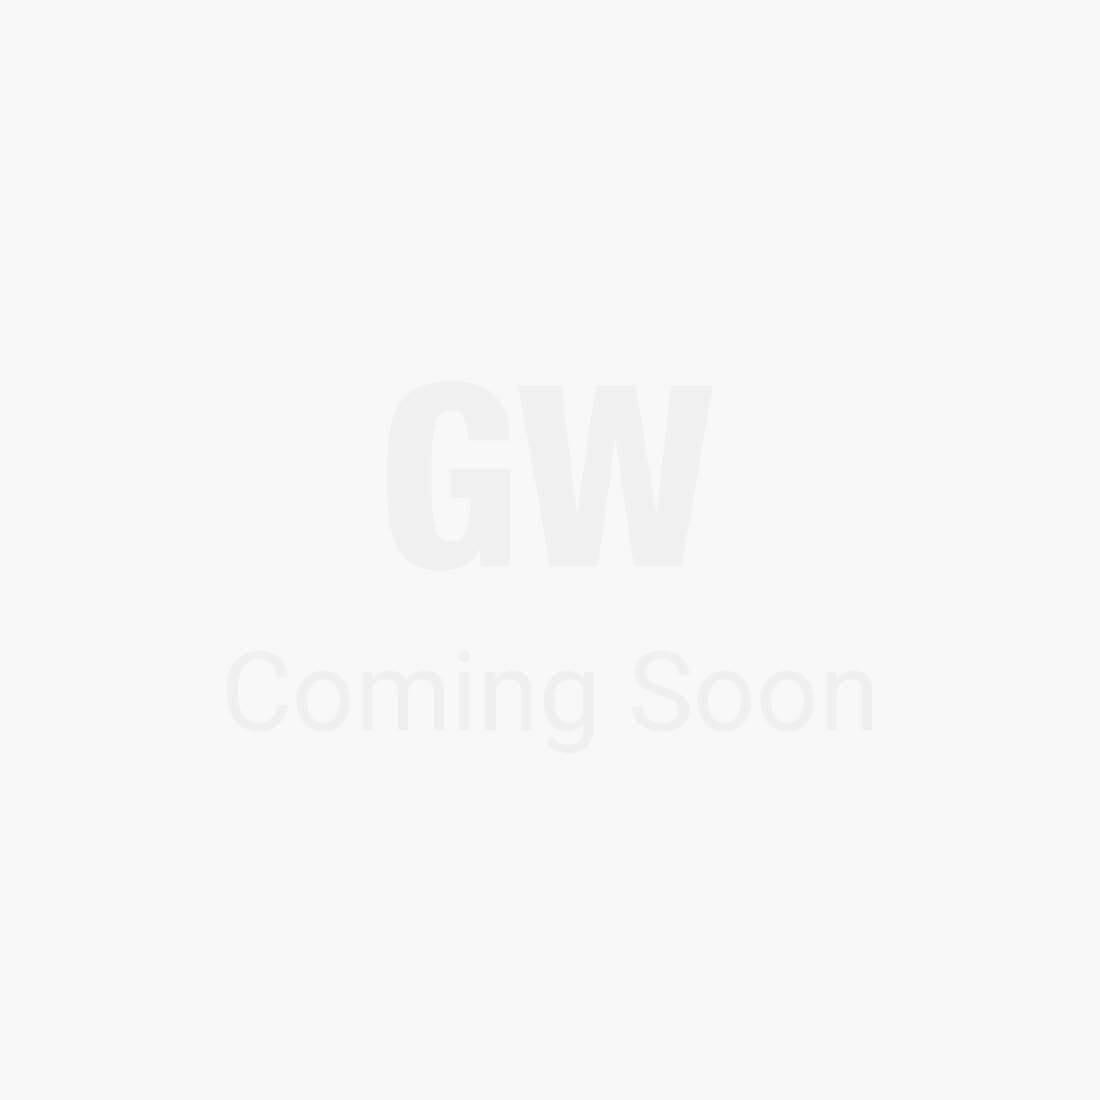 Lane Dining Chair